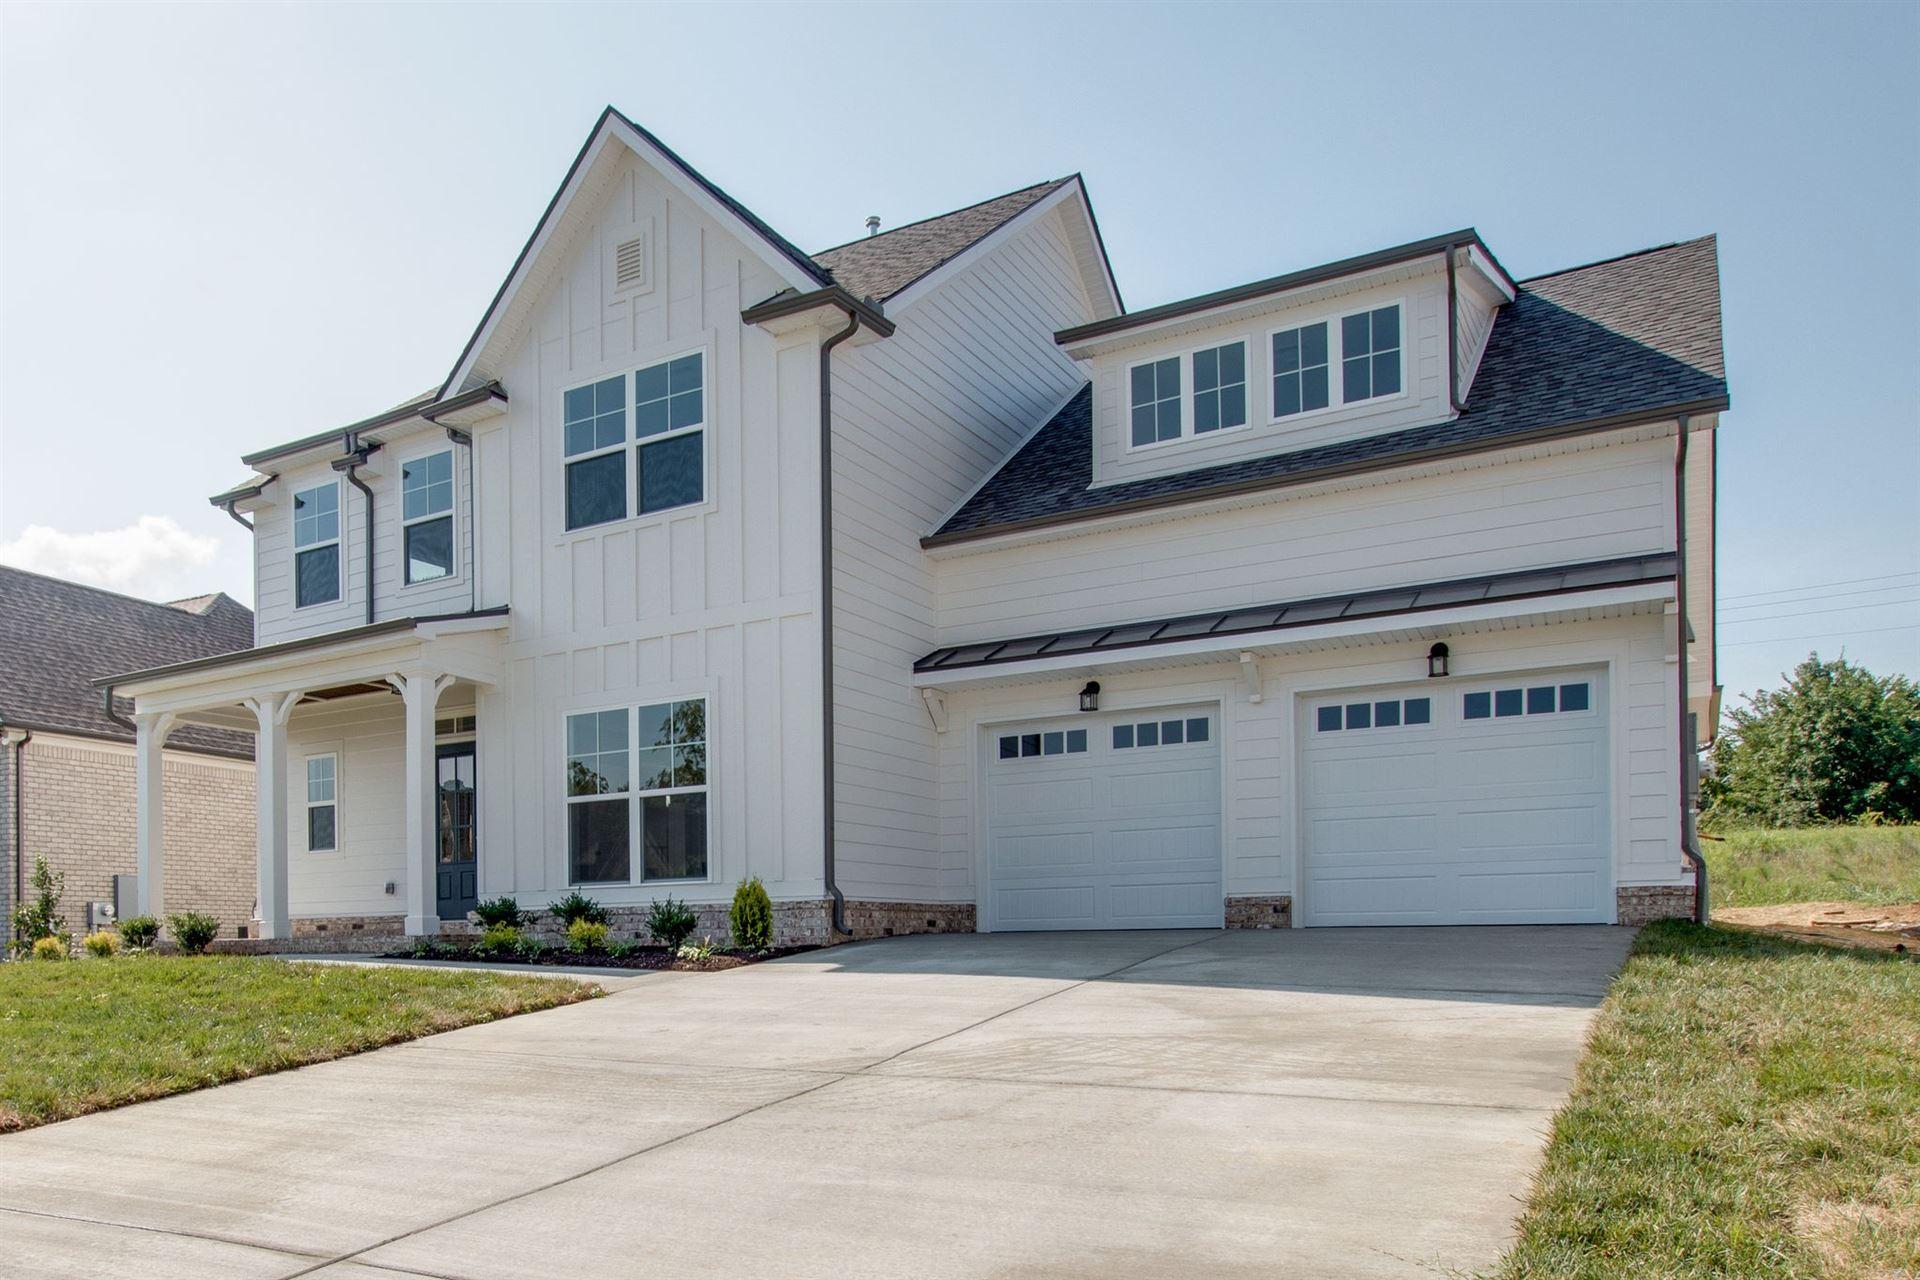 1247 Proprietors Pl, Murfreesboro, TN 37128 - MLS#: 2133963